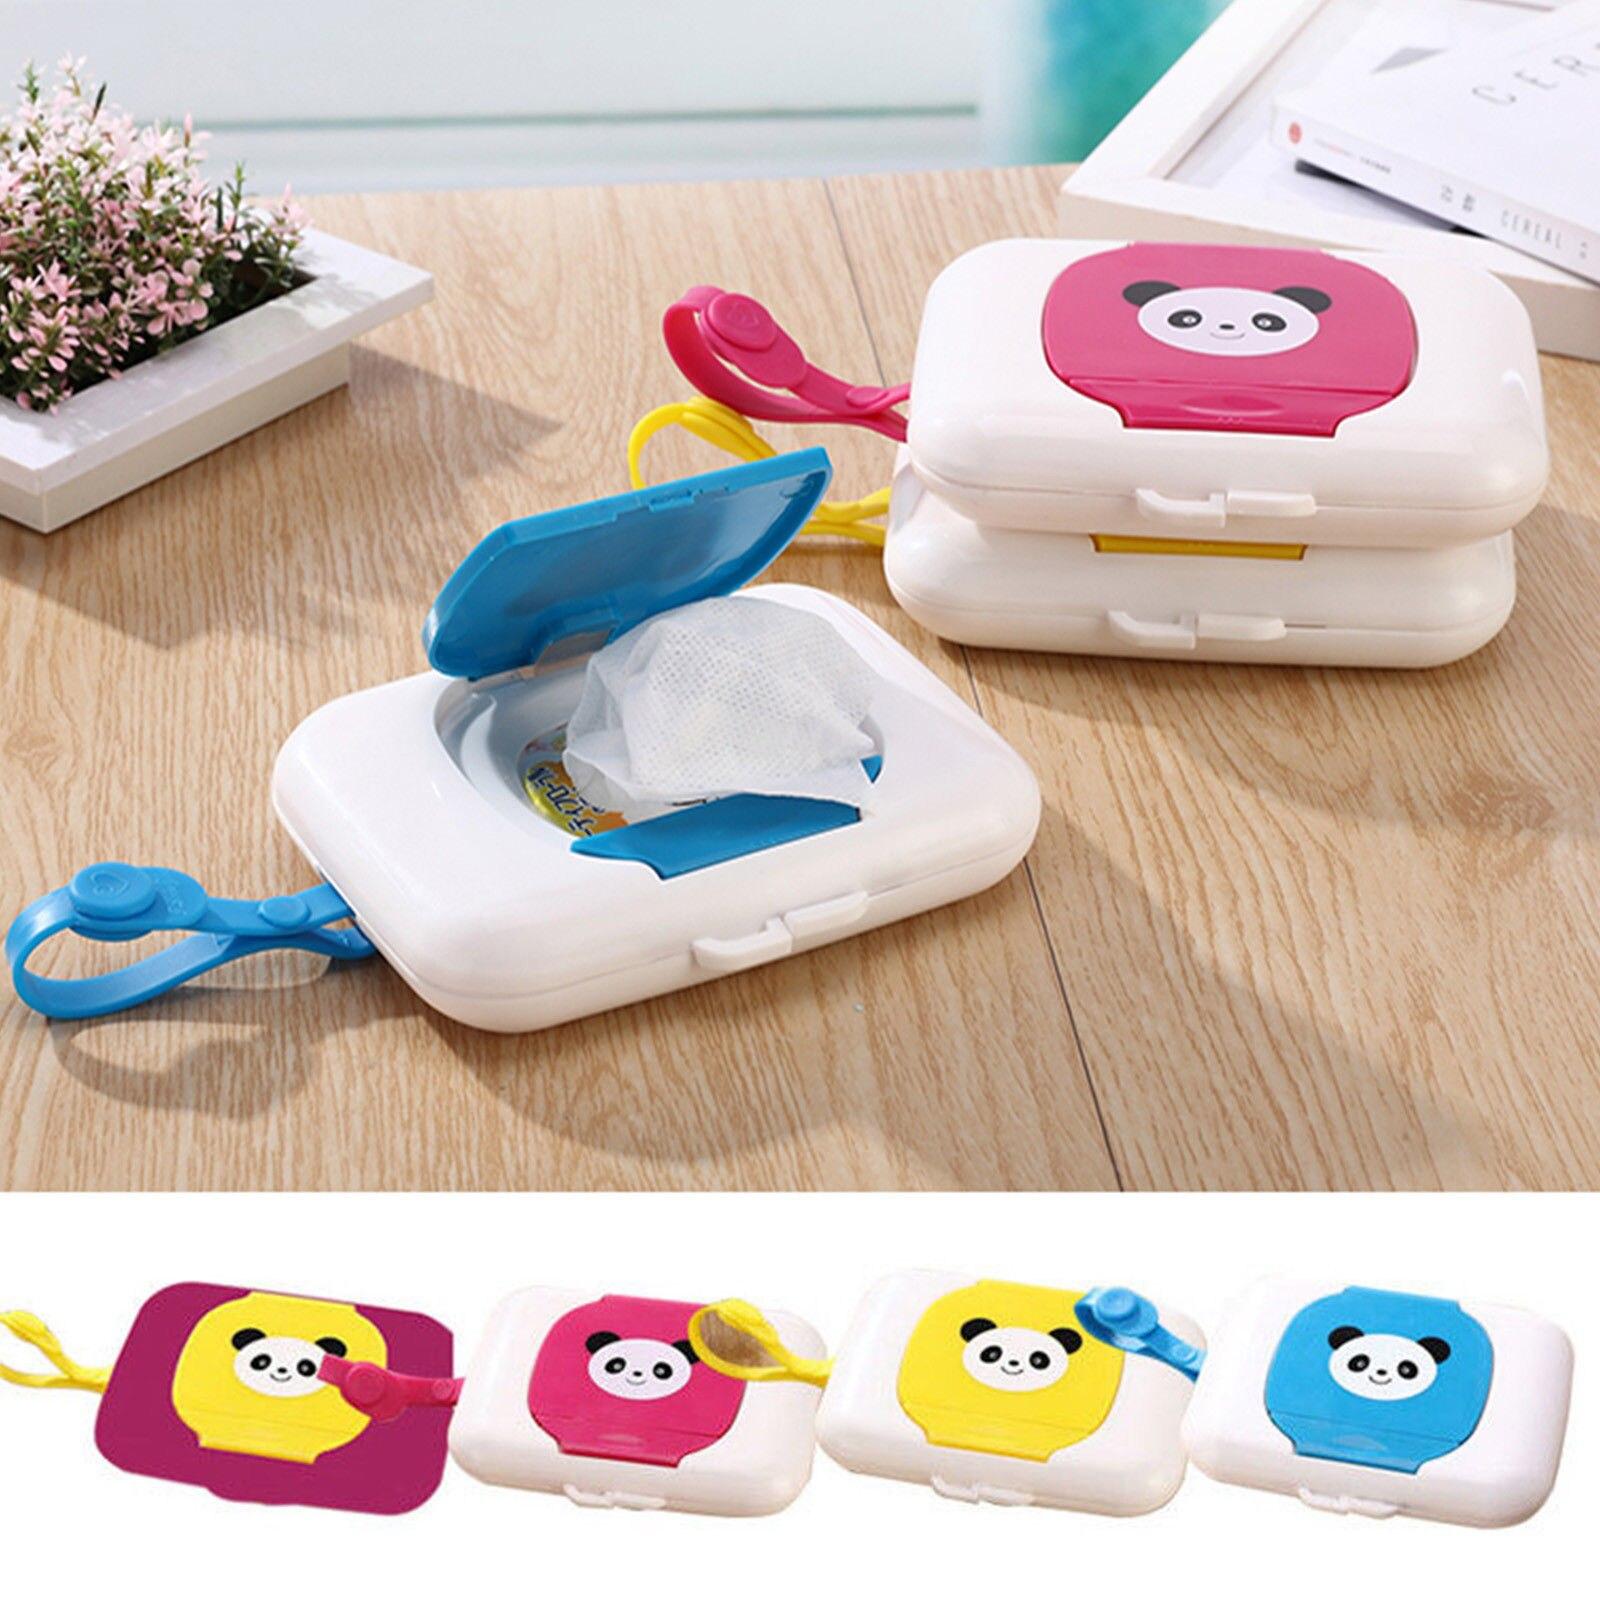 Cartoon Animals Print Baby Travel Wipe Case Child Wet Wipes Box Changing Dispenser Storage Holder Tissue Boxes Hot Sale